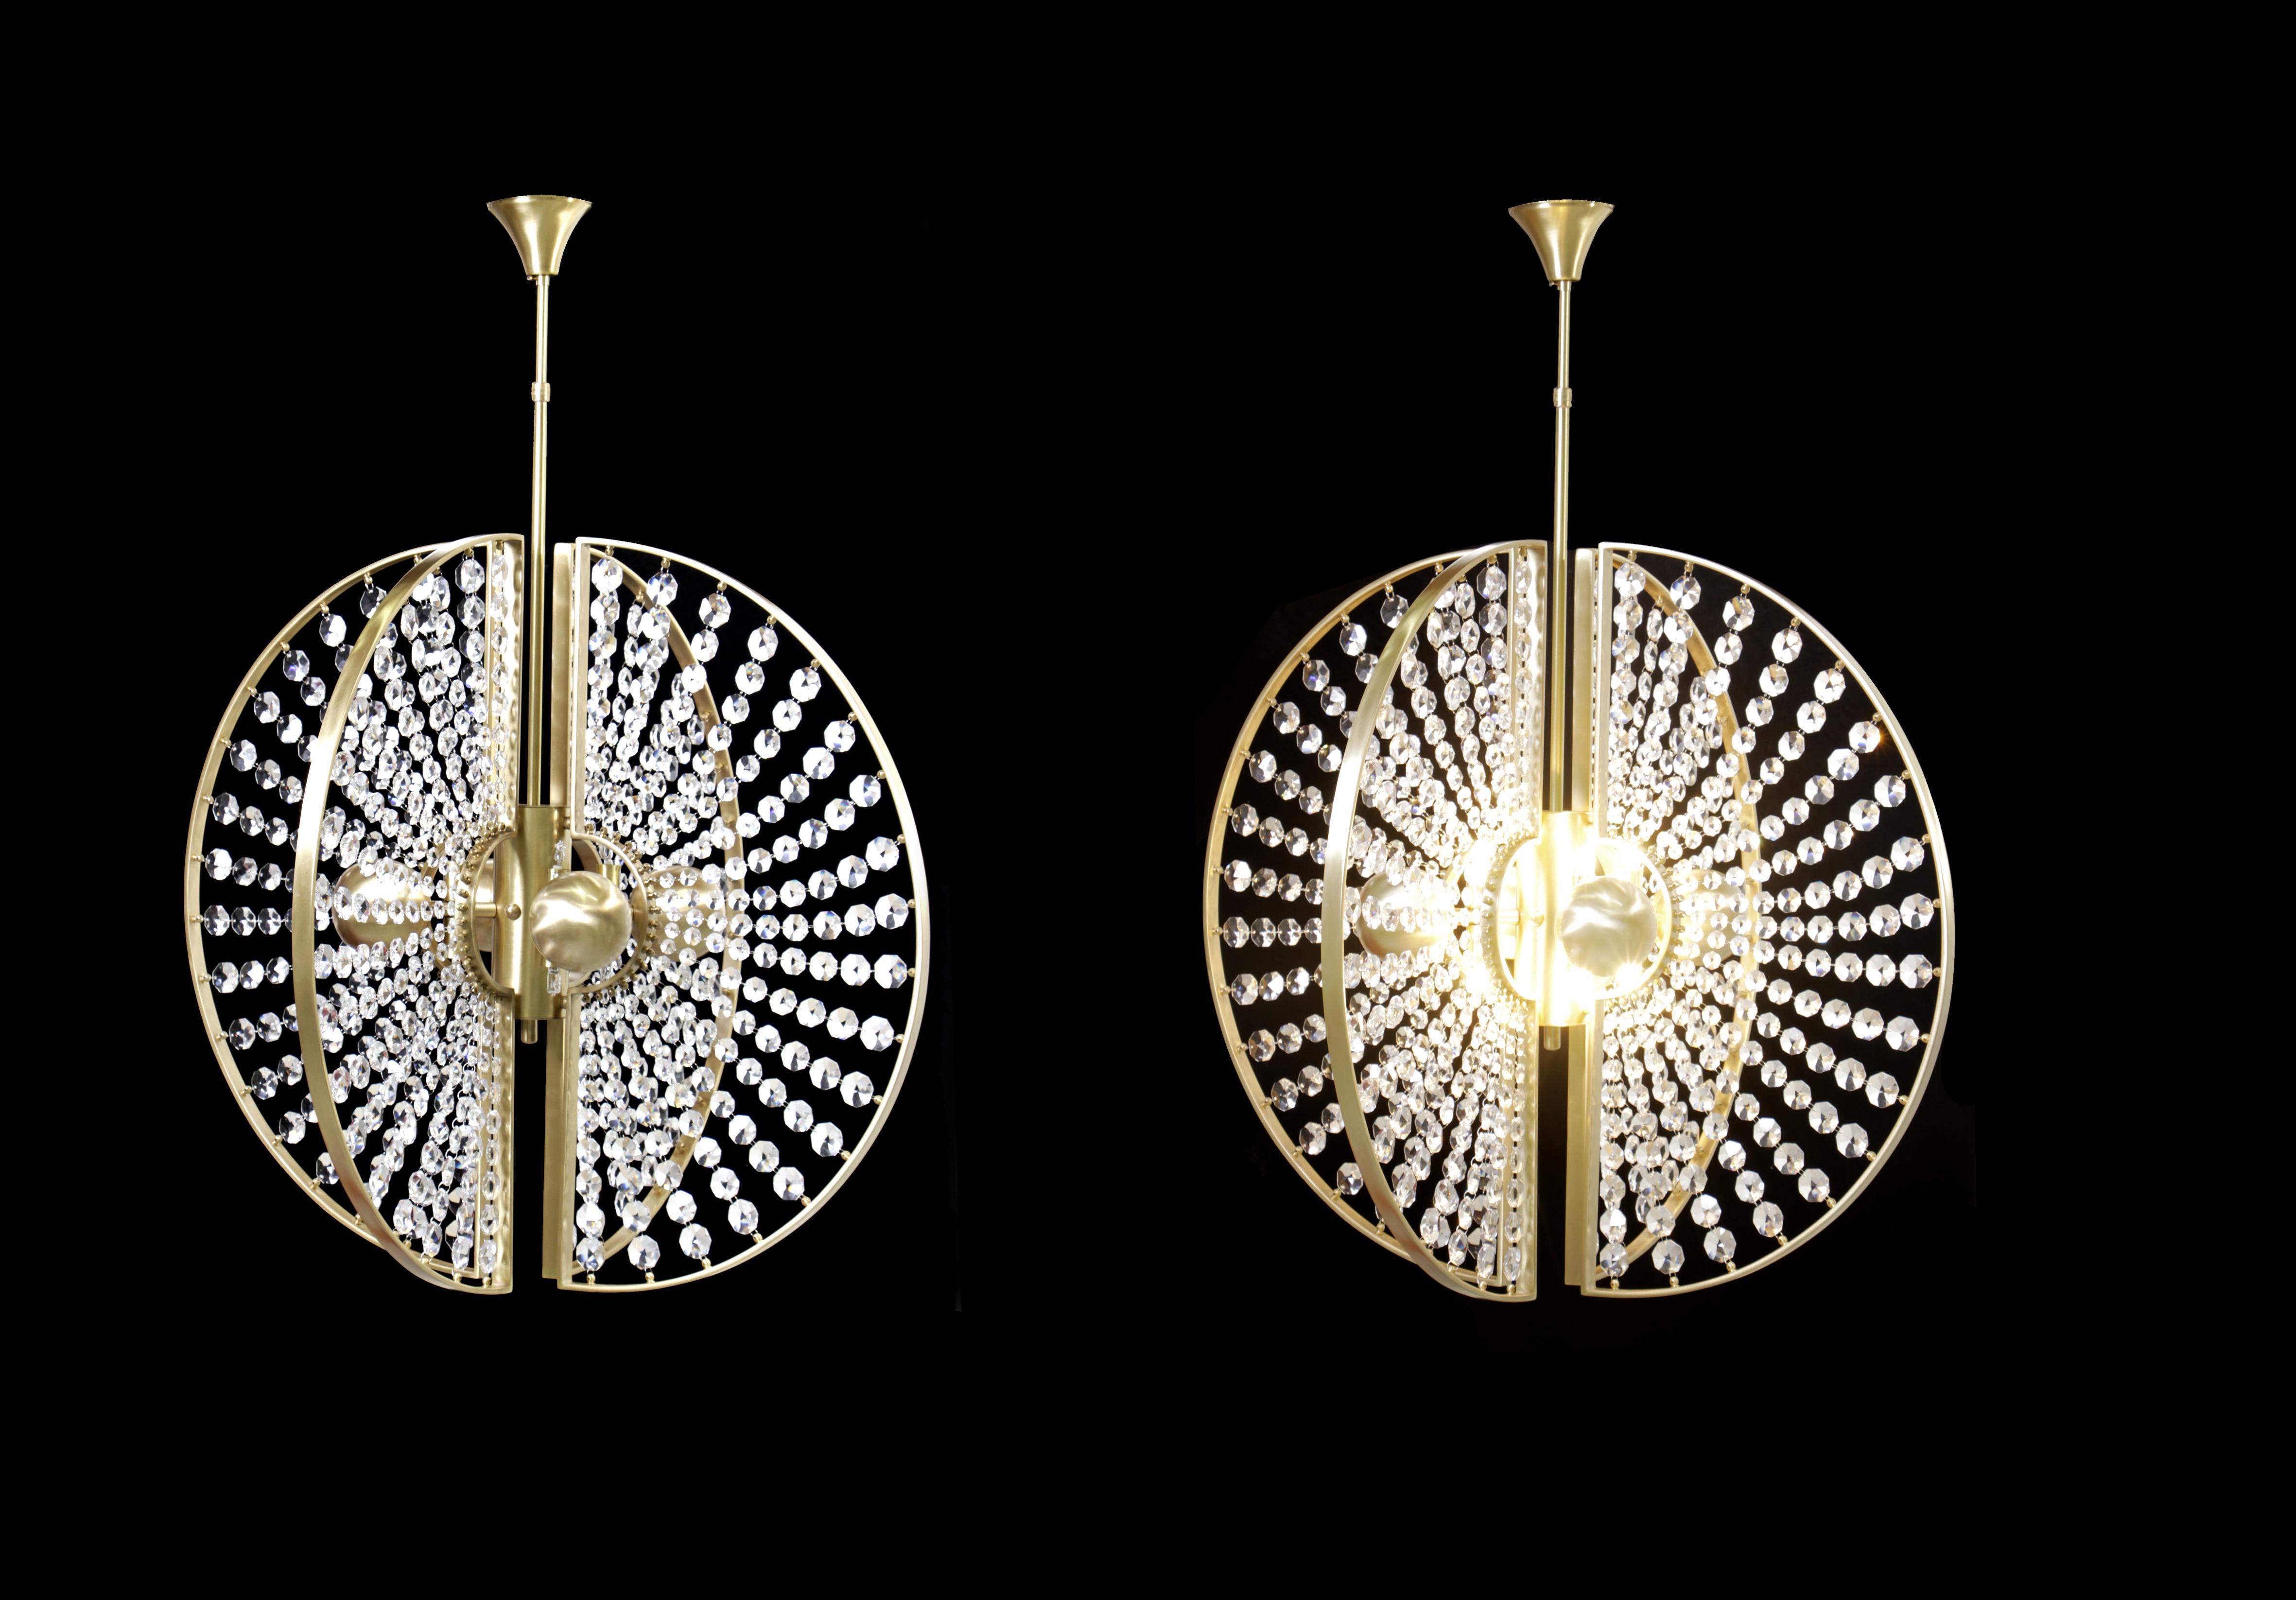 roxy-chandelier-5 KOKET Эксклюзивное интерьвью с основателем KOKET Джанет Мораиш roxy chandelier 5